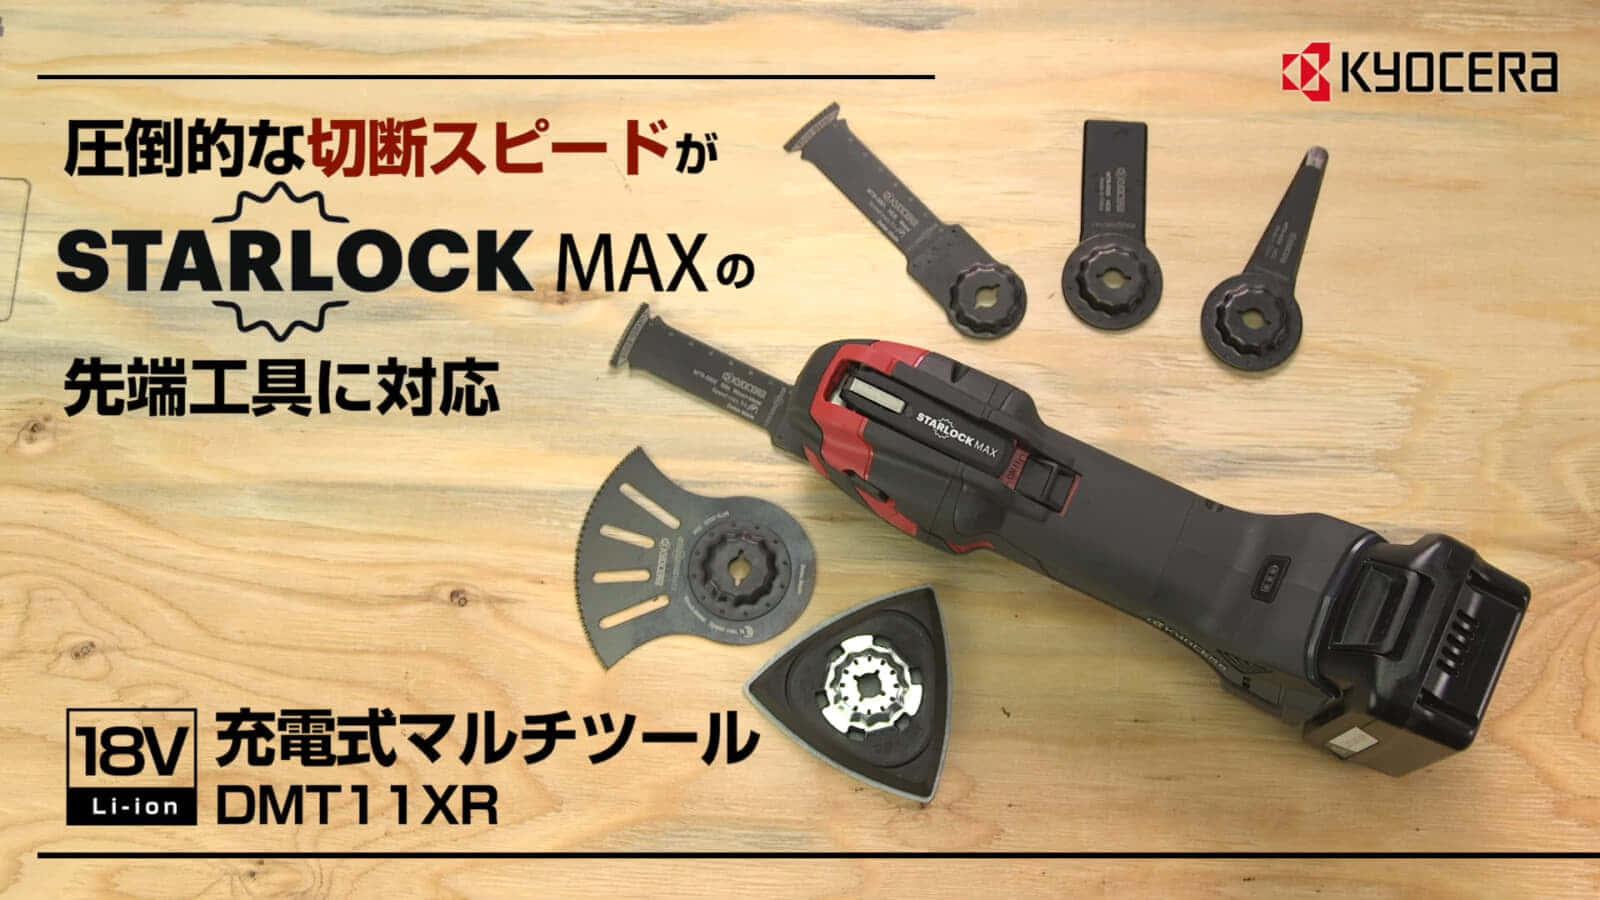 京セラ DMT11XR 充電式マルチツールを発売、STARLOCK MAXに対応